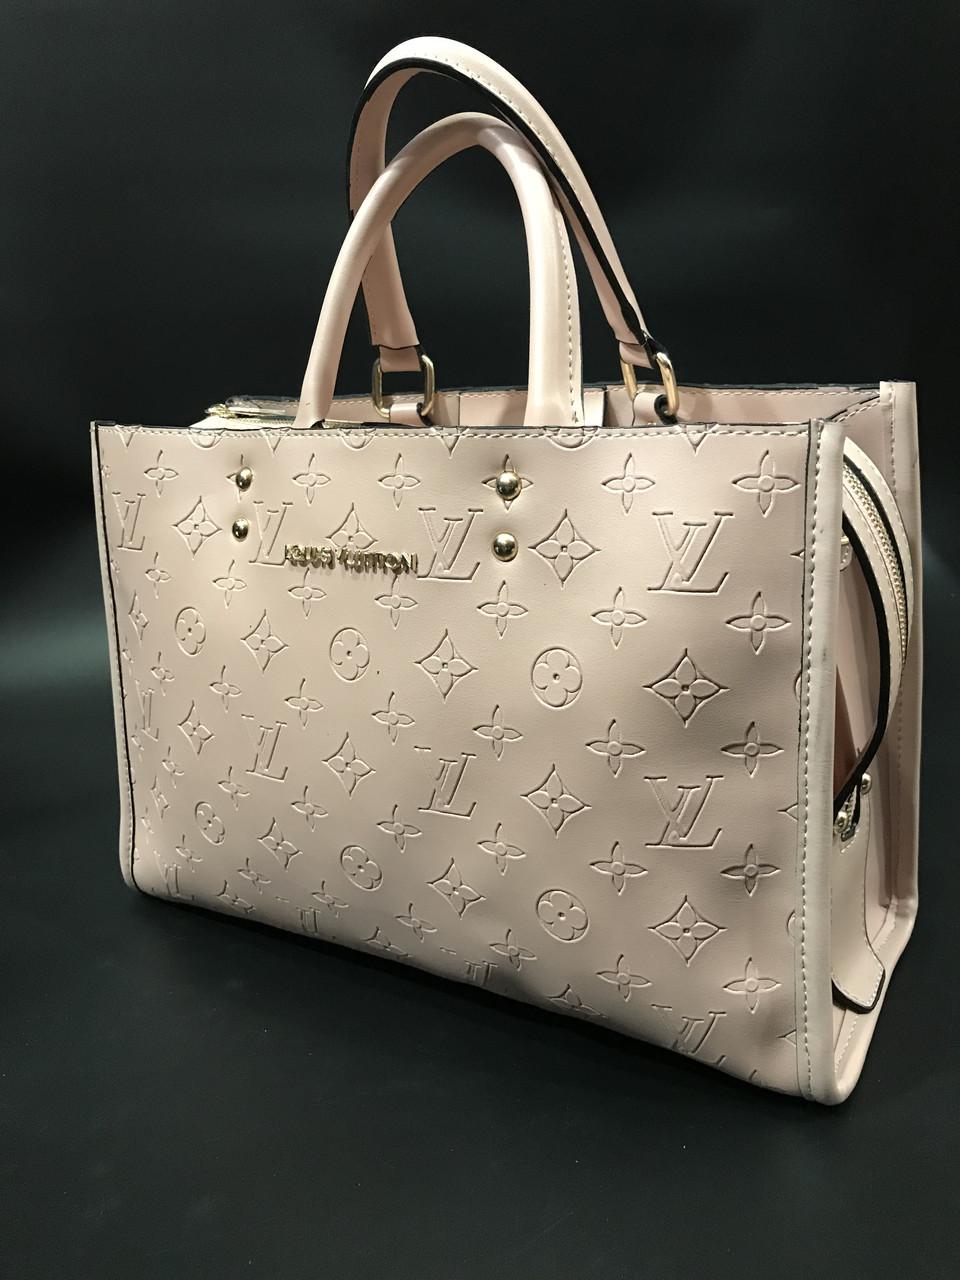 676092e758db Сумка женская с ручками Louis Vuitton Monogram пудра реплика высокого  качества